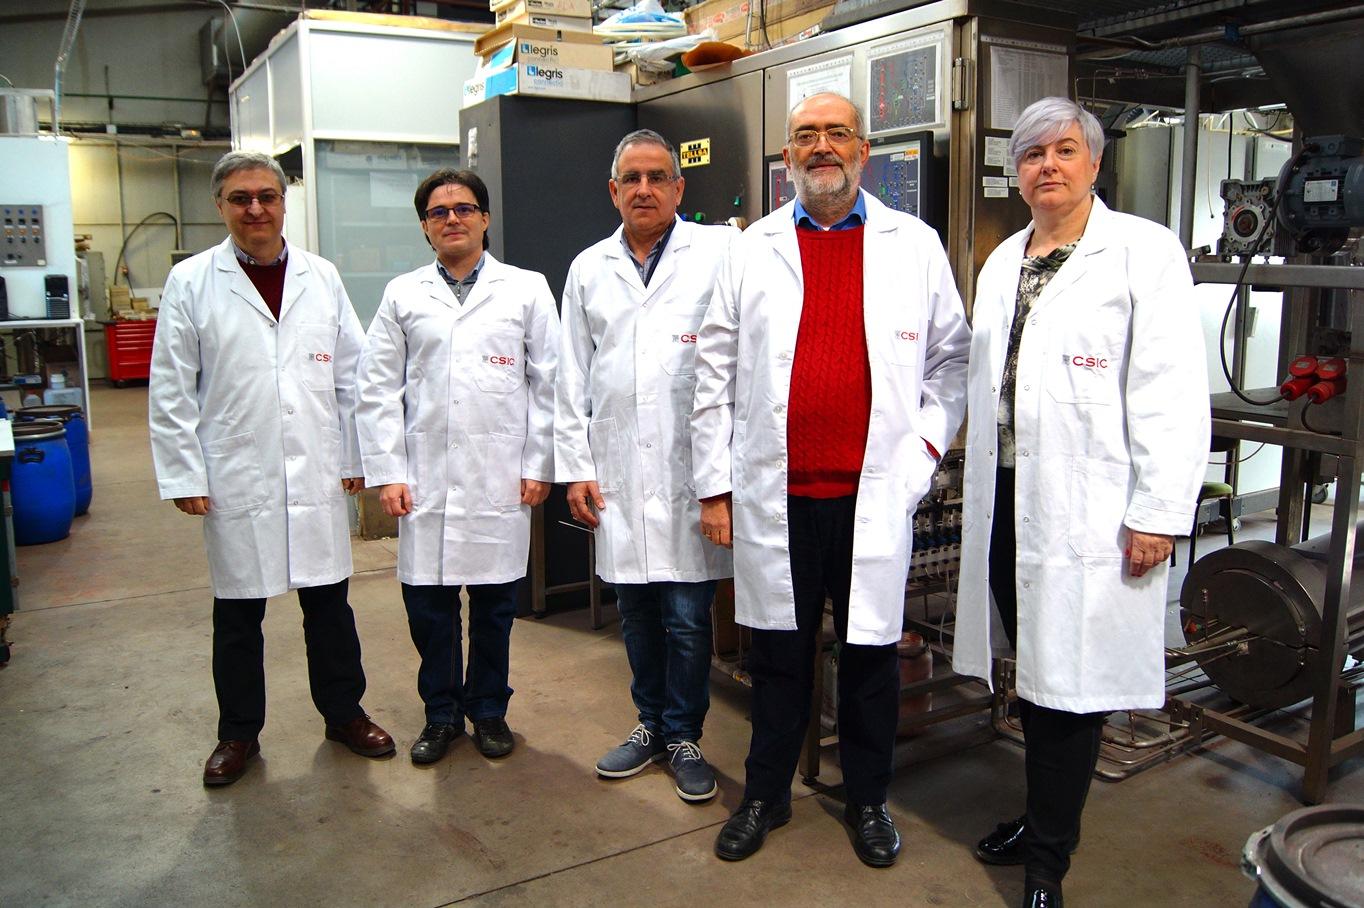 científicos del CSIC del Instituto de Carboquímica- Francisco García, Alberto Abad, Juan Adánez, Luis de Diego y Pilar Gayán